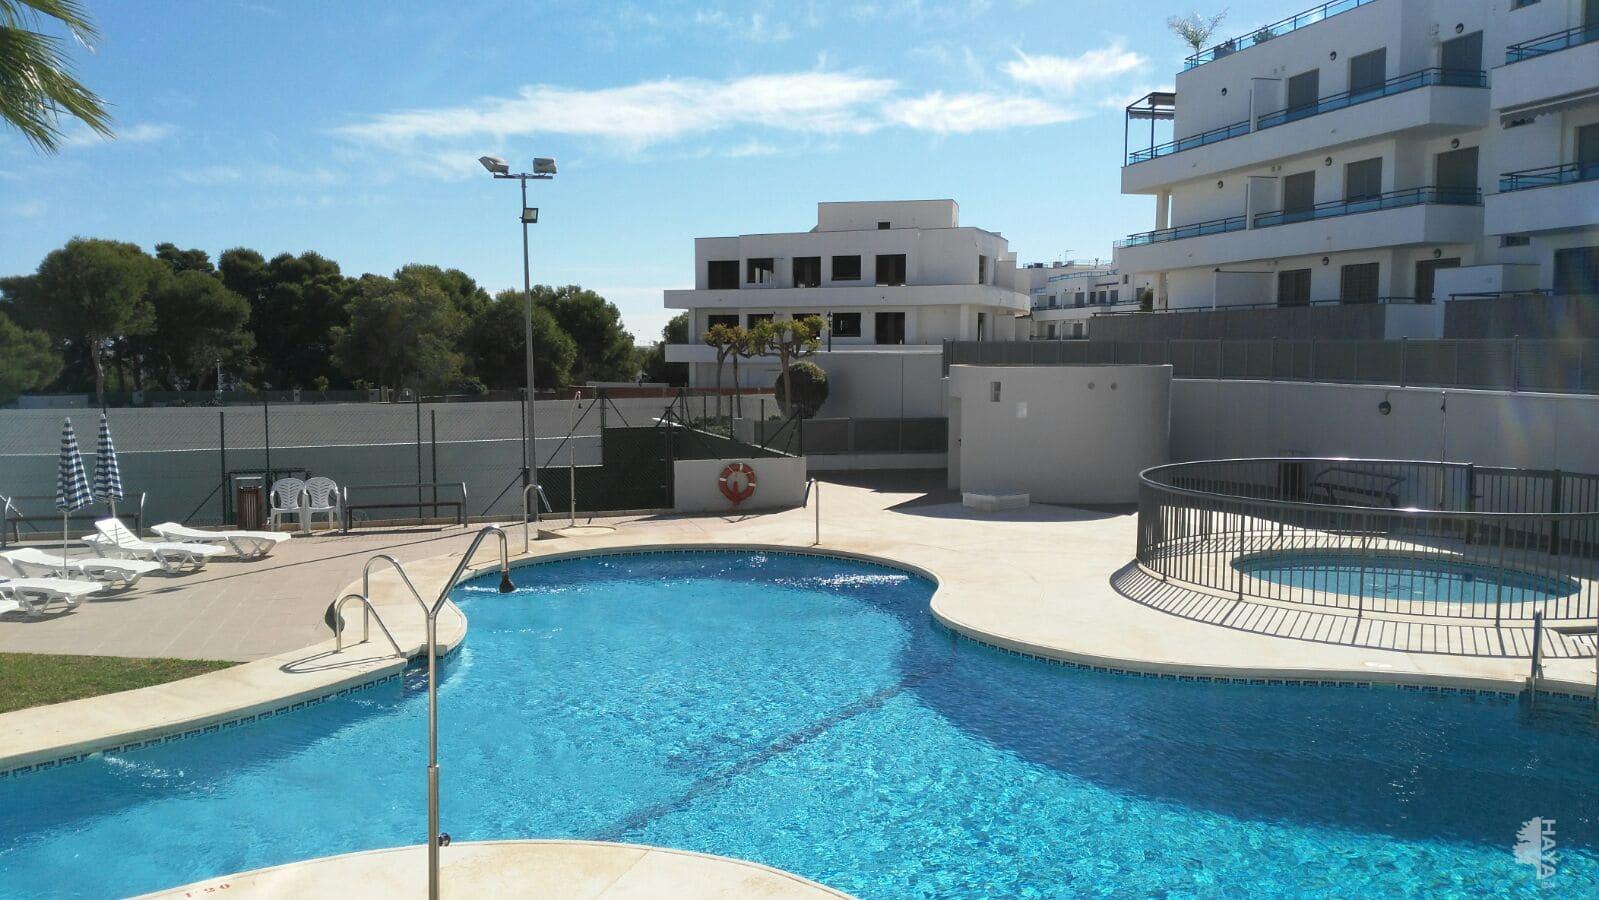 Piso en venta en Garrucha, Garrucha, Almería, Calle Murillo, 93.200 €, 2 habitaciones, 2 baños, 77 m2